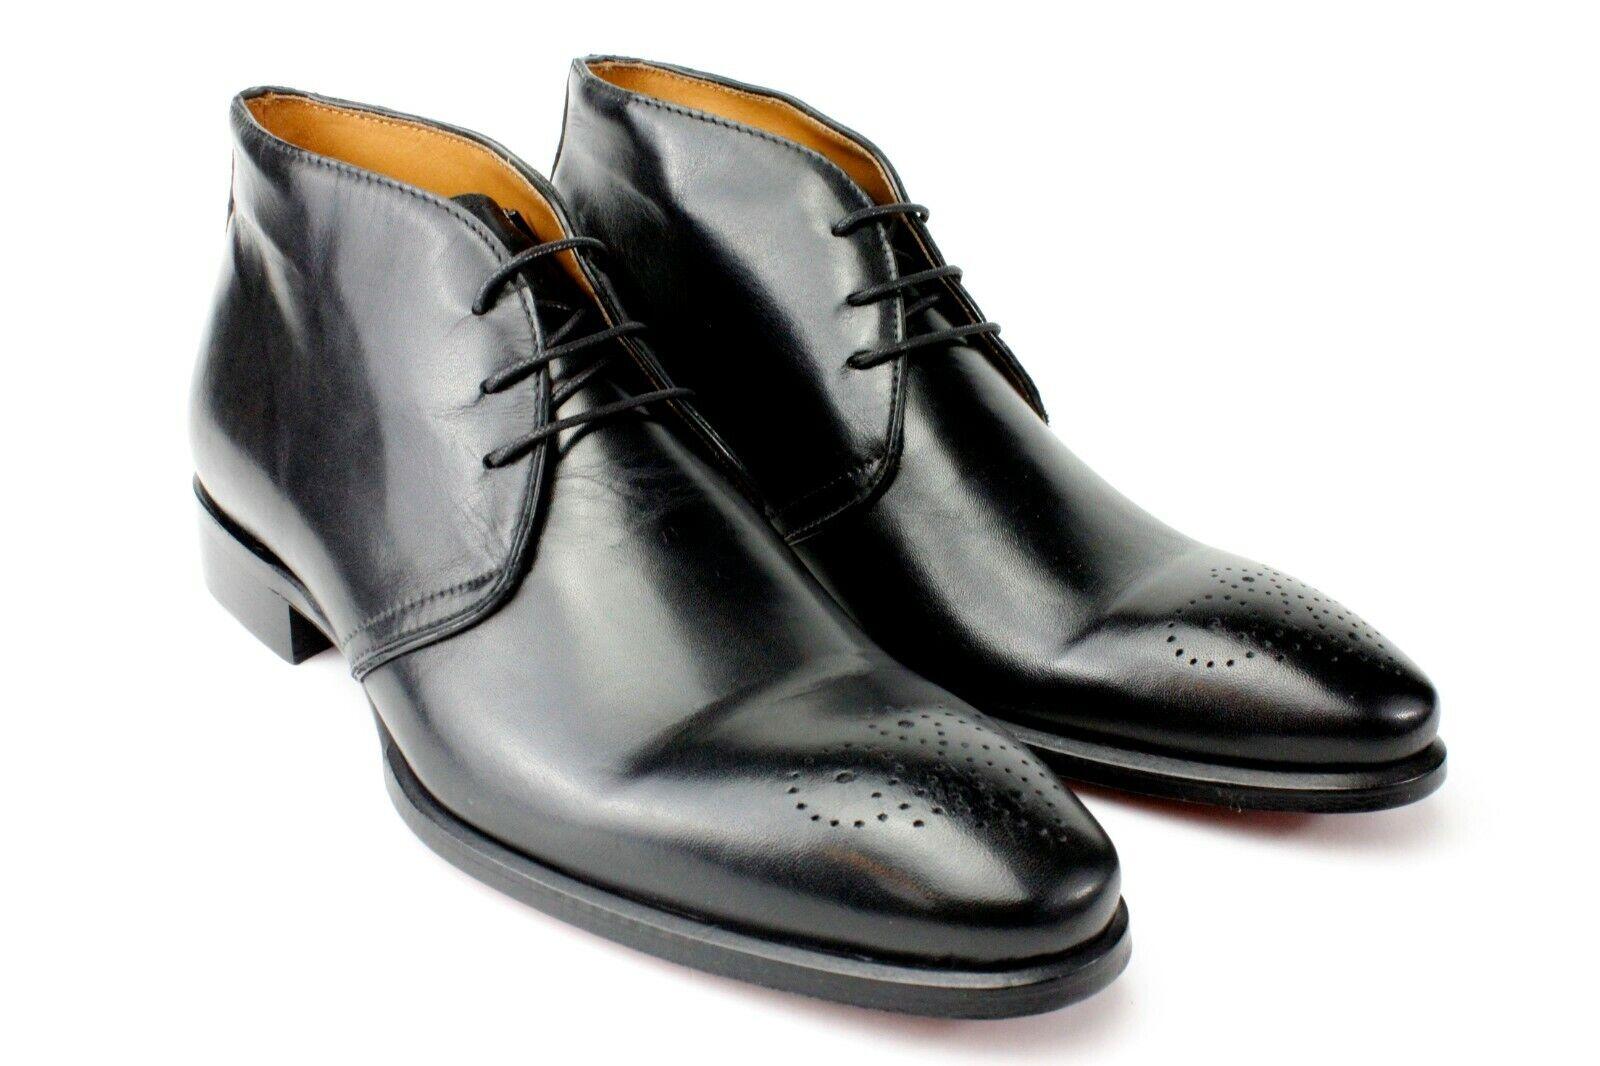 Ivan Troy Andre Negro Hecho a Mano Cuero Italiano Vestir para hombres de arranque arranque botas al tobillo